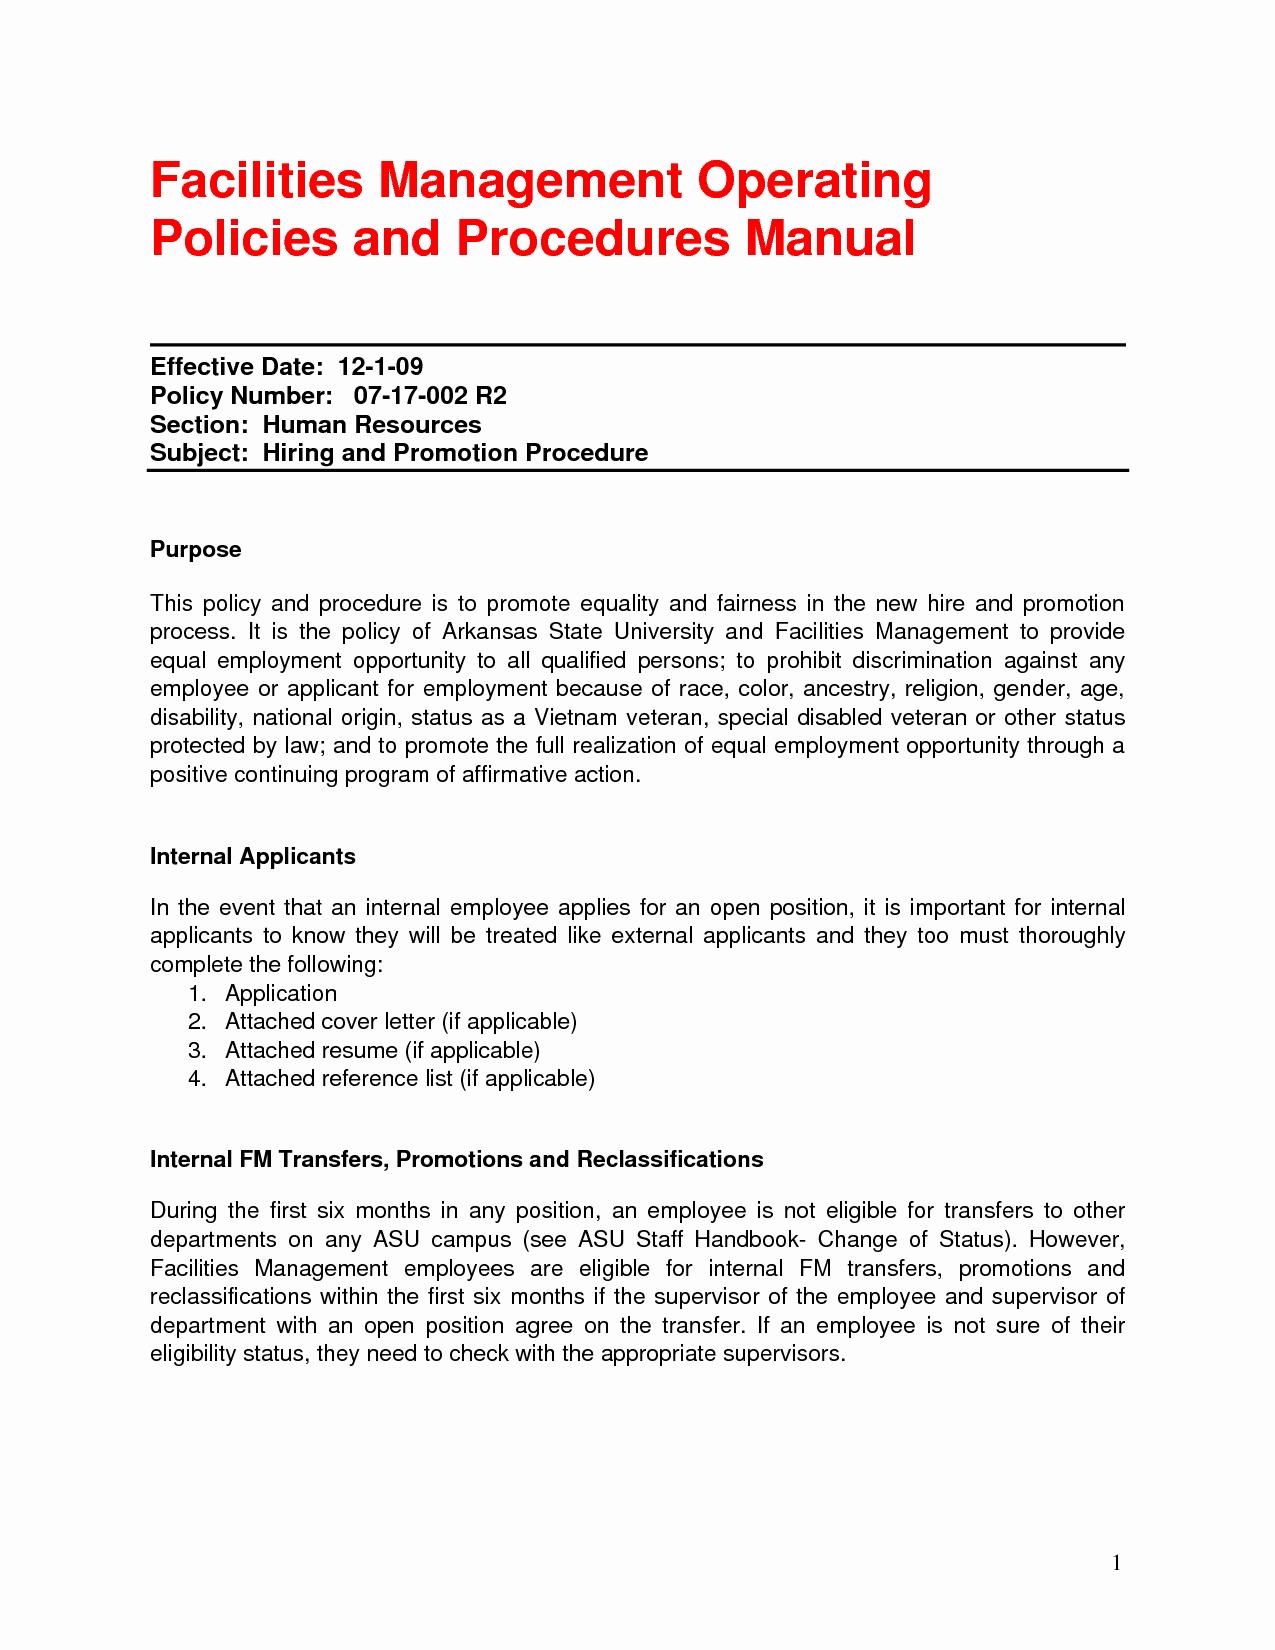 Resume for Internal Promotion Template New Internal Resume Writing Tips Sidemcicek